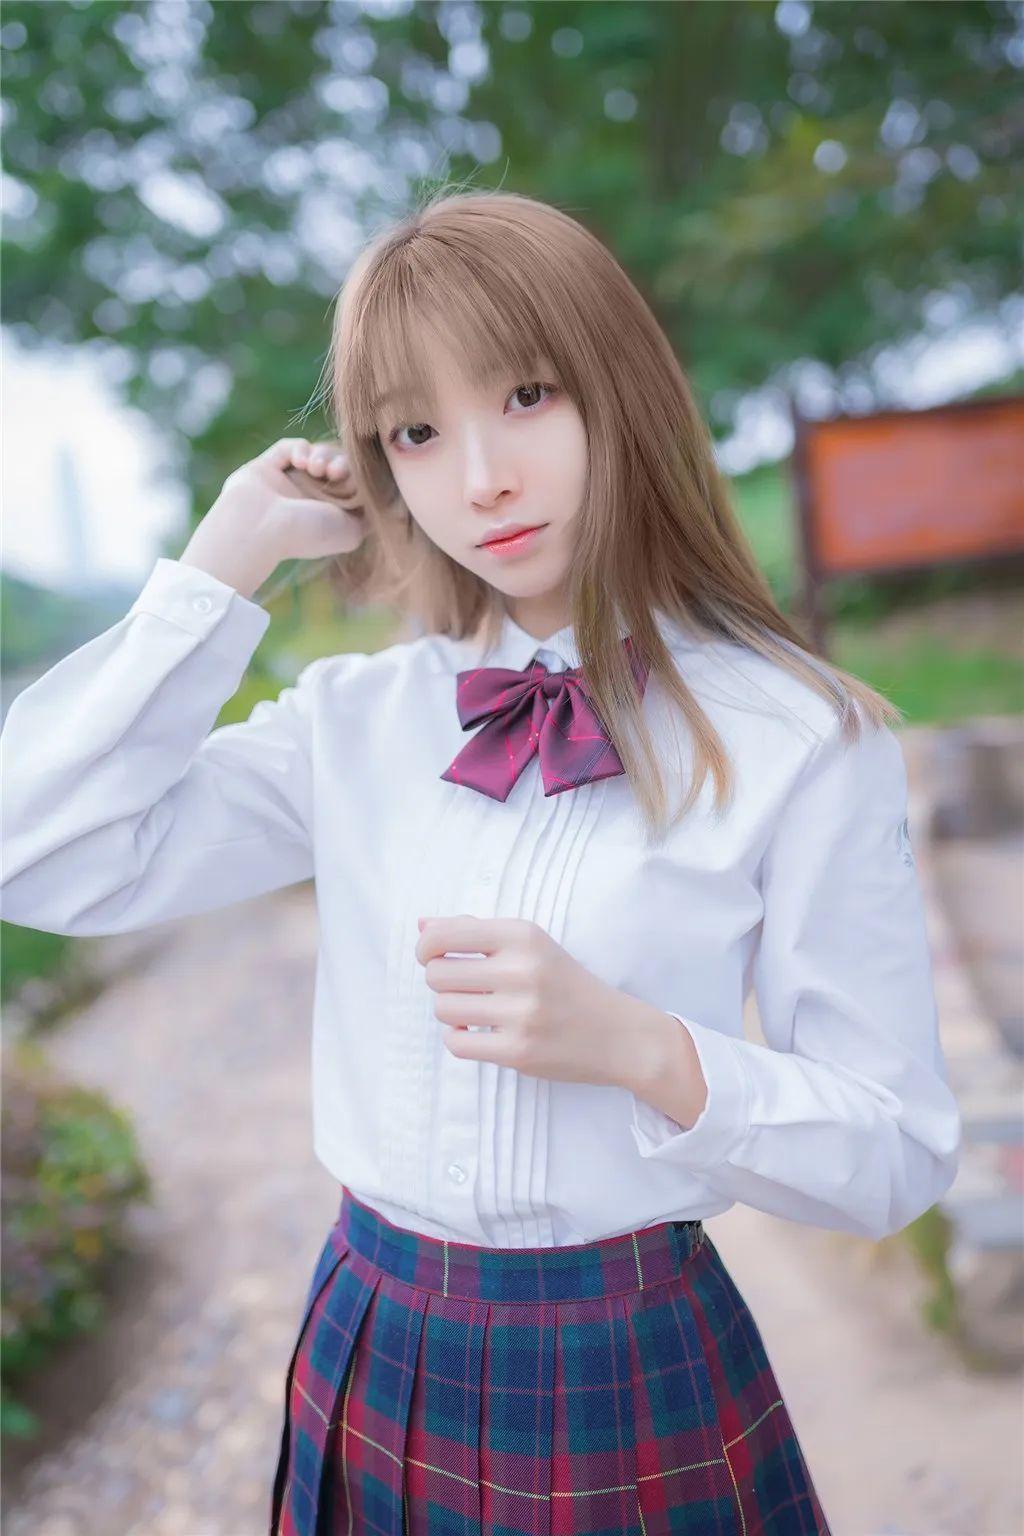 妹子摄影 – 白衬衣JK制服黑色过膝袜少女_图片 No.2